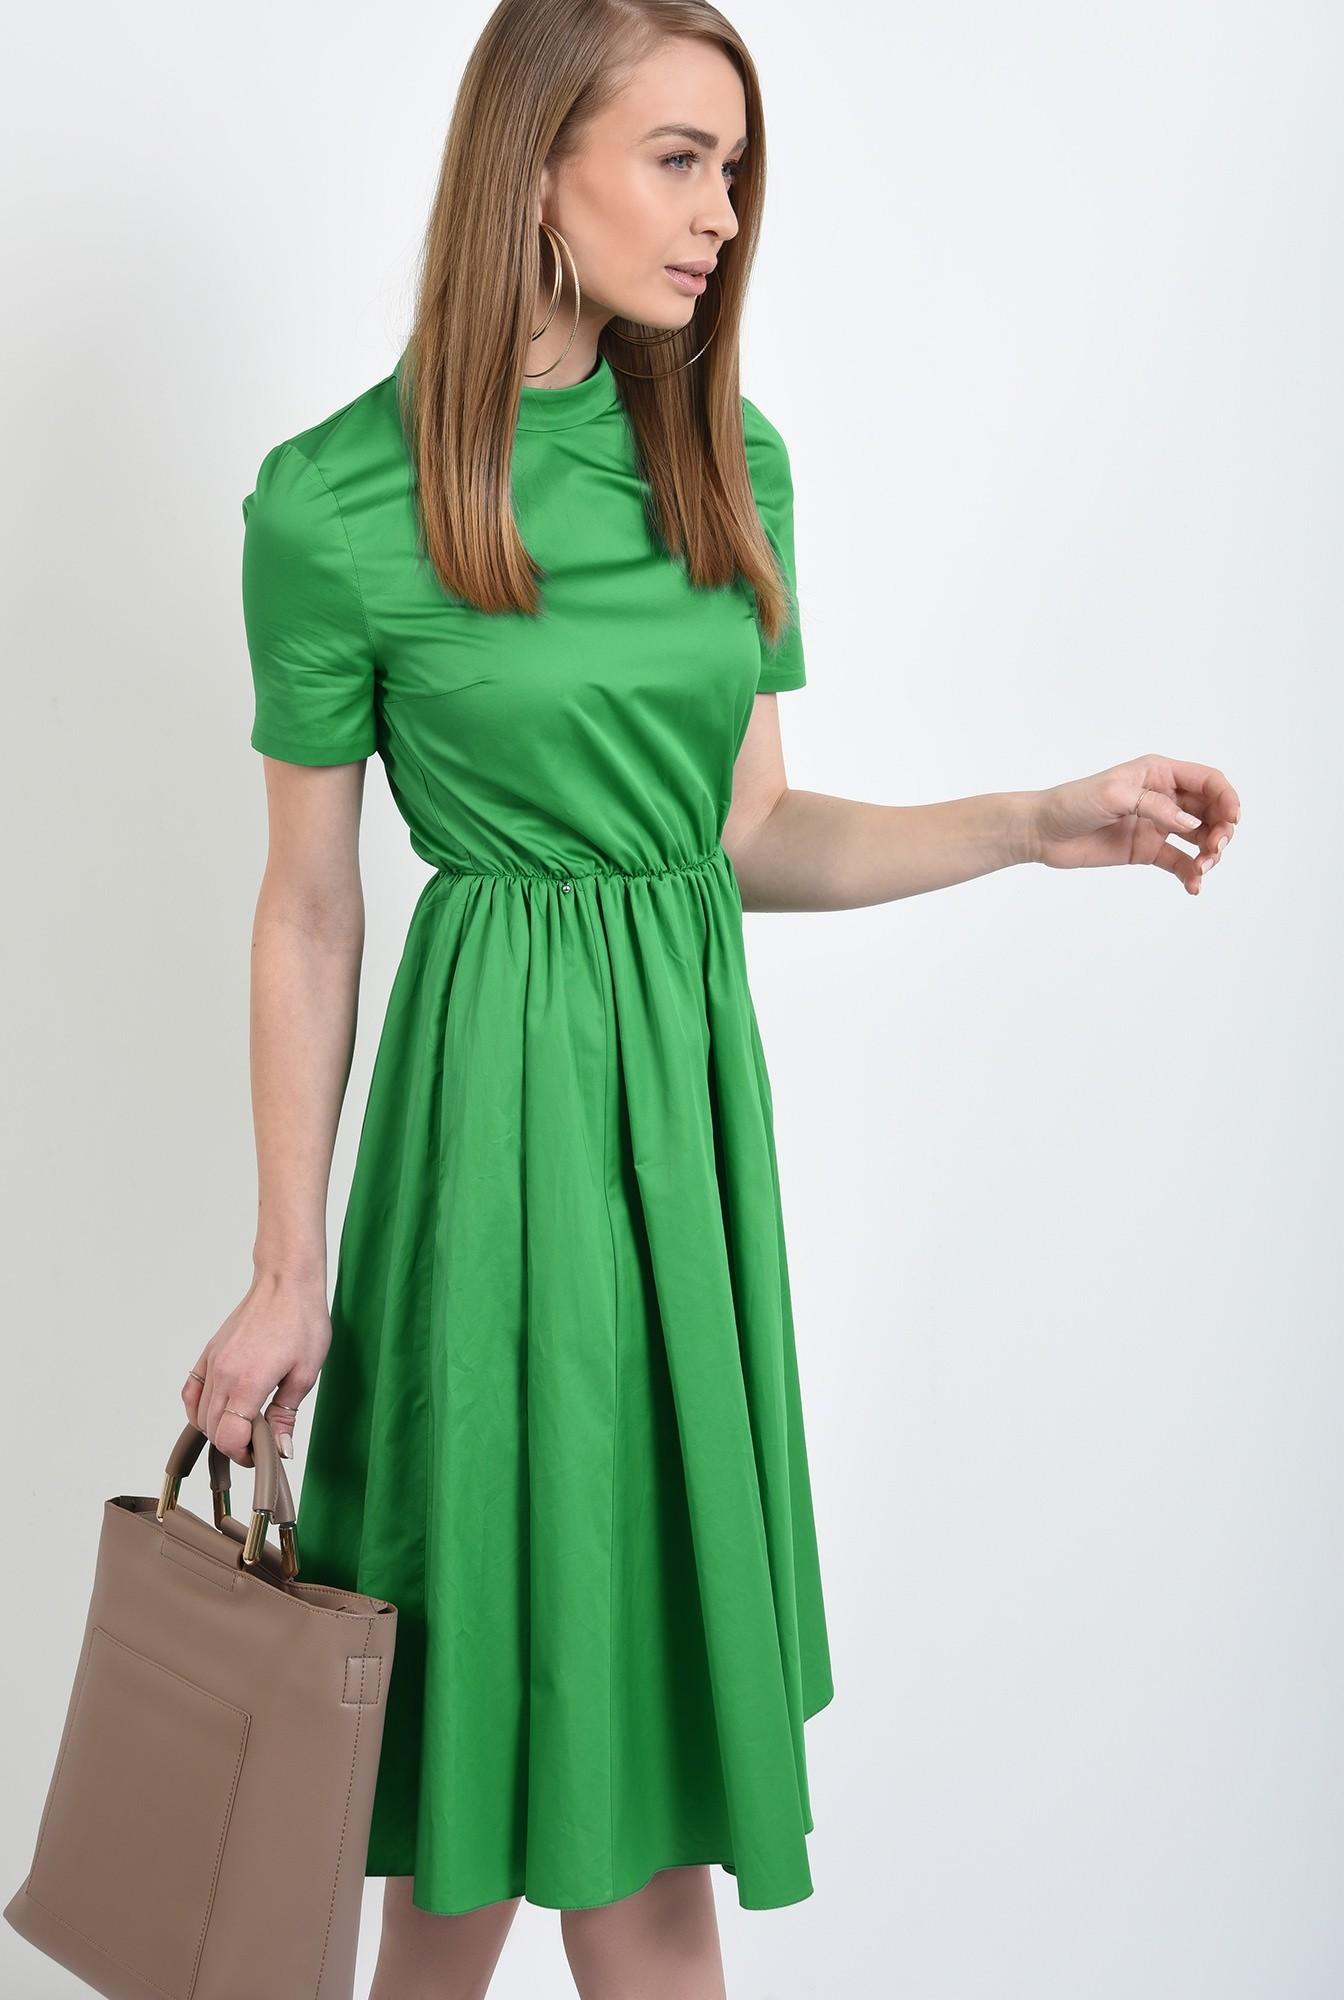 0 - rochie midi, evazata, cu nasturi pe spate, cu guler, maneci scurte, rochie de primavara